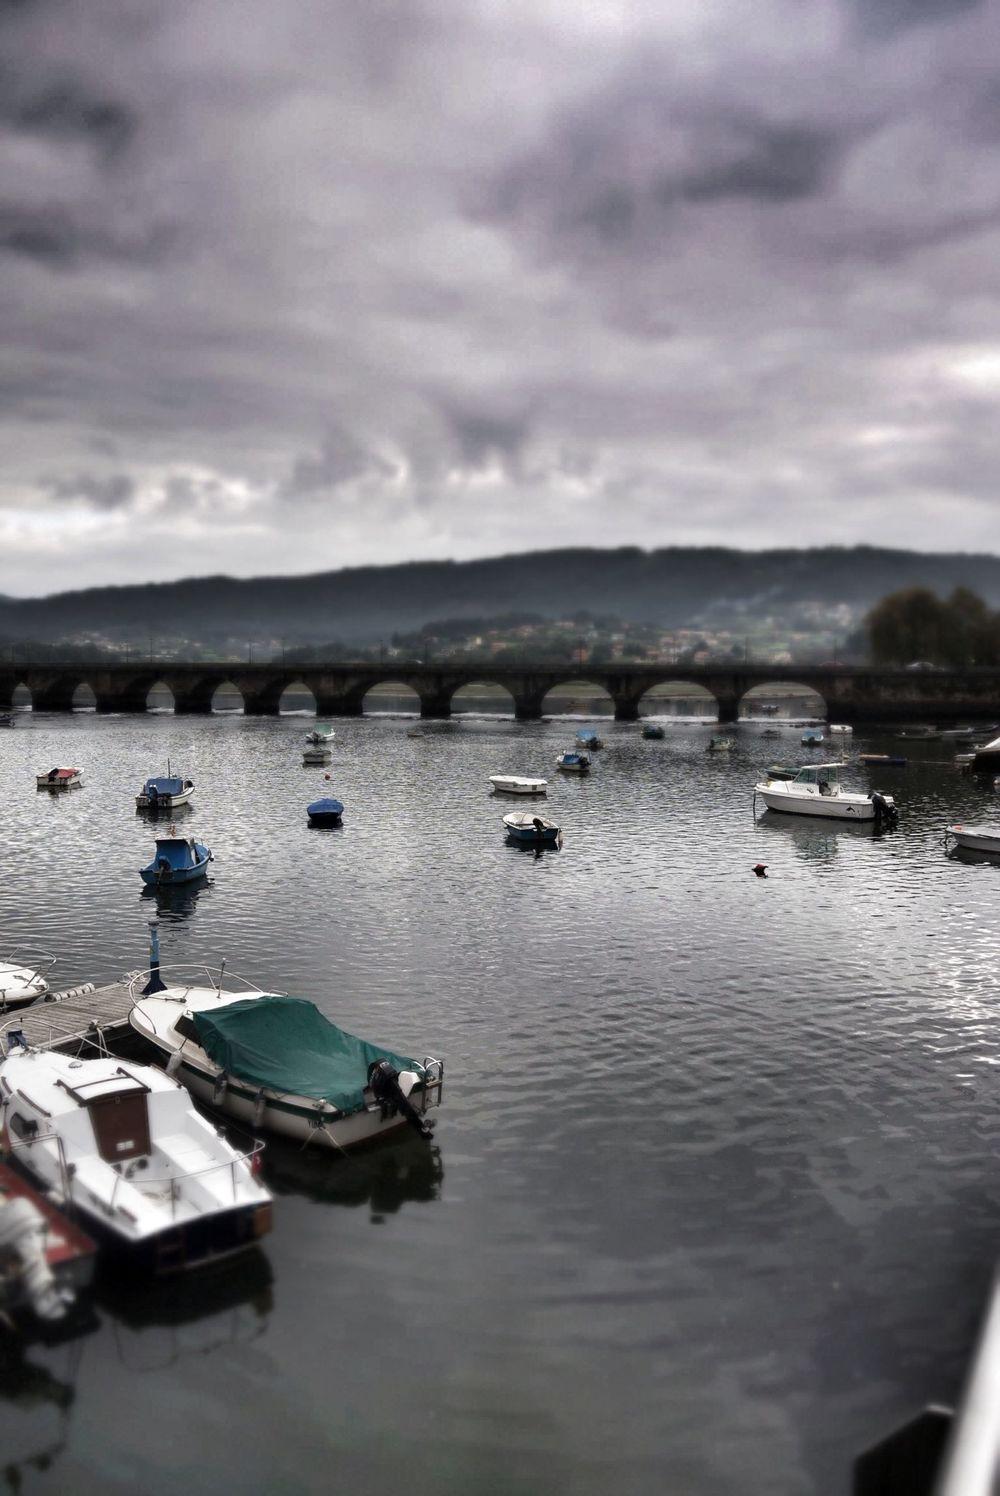 The bridge in Pontedeume